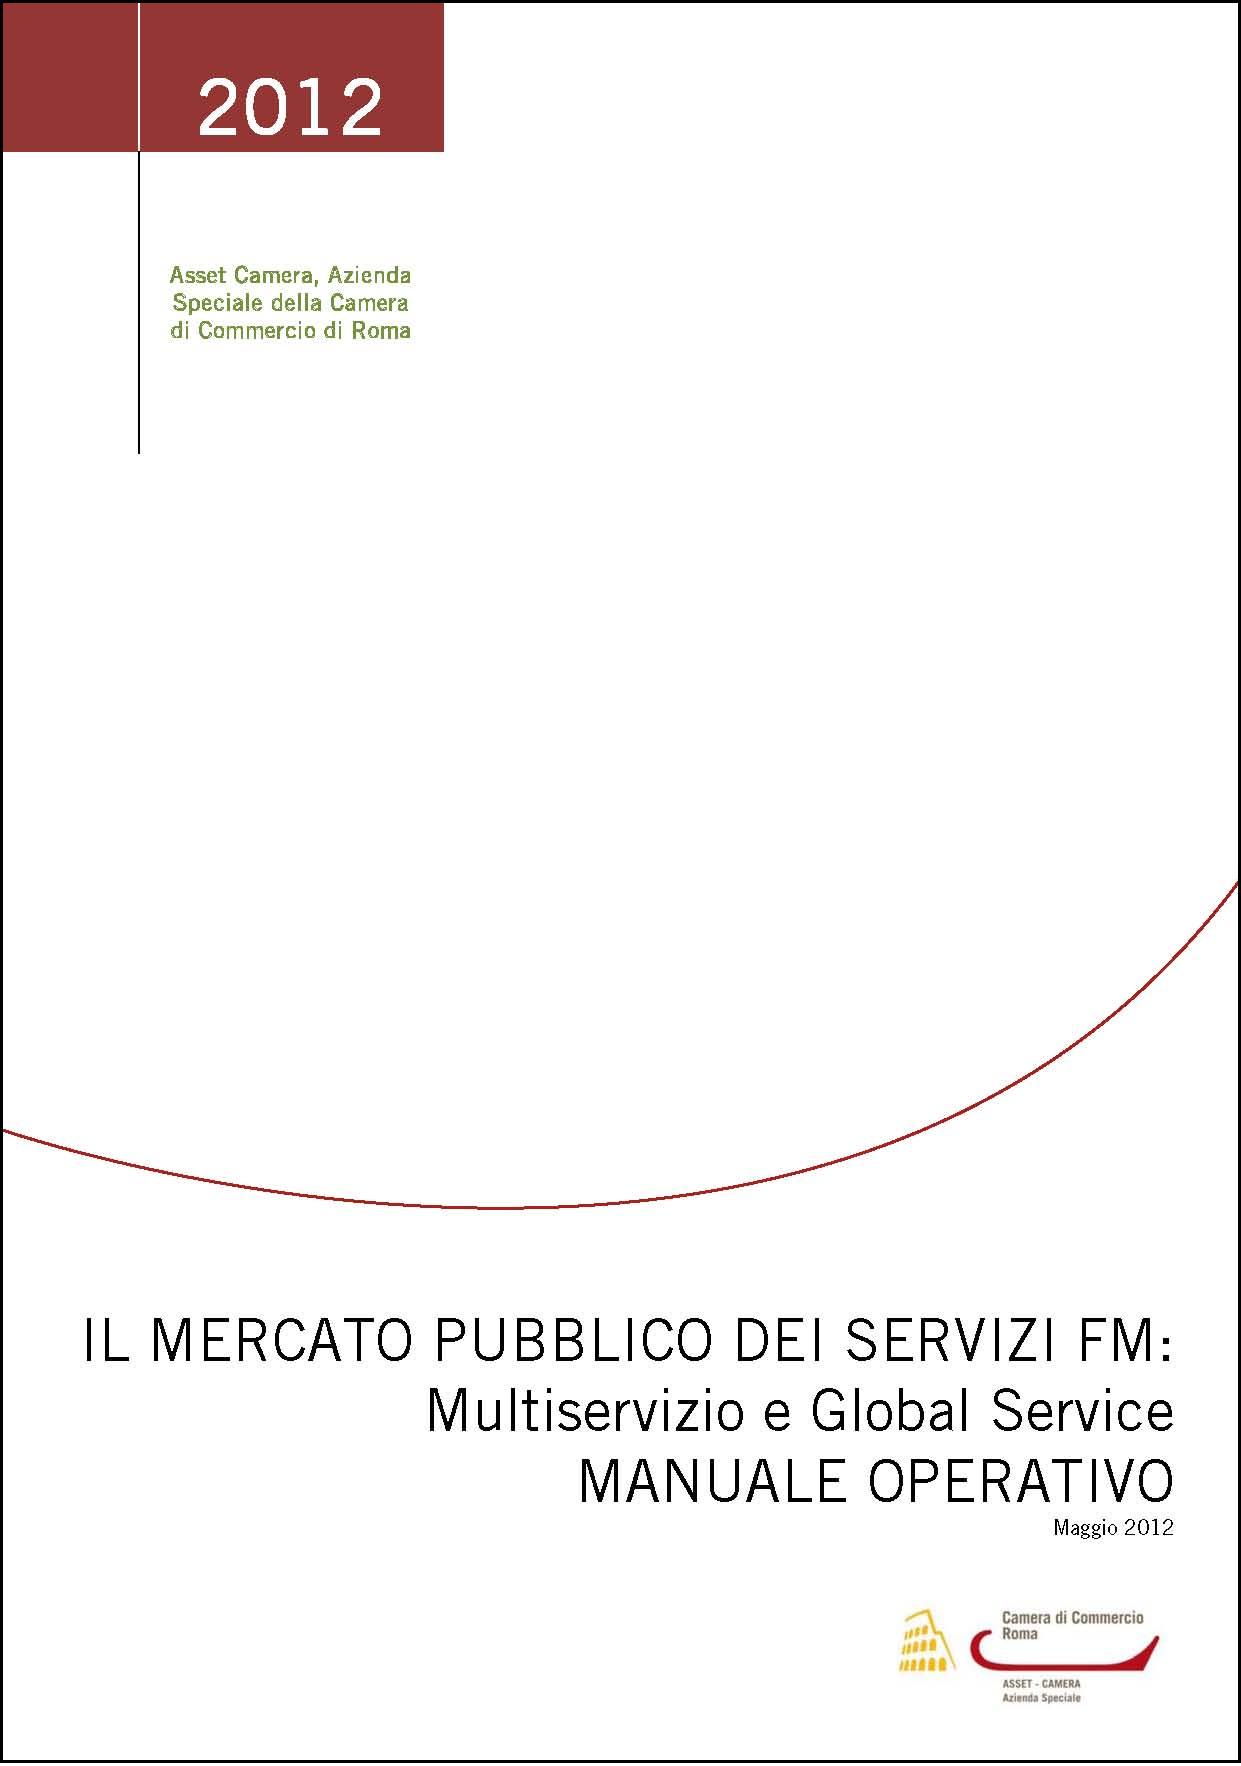 Il mercato pubblico dei servizi FM: multiservizio